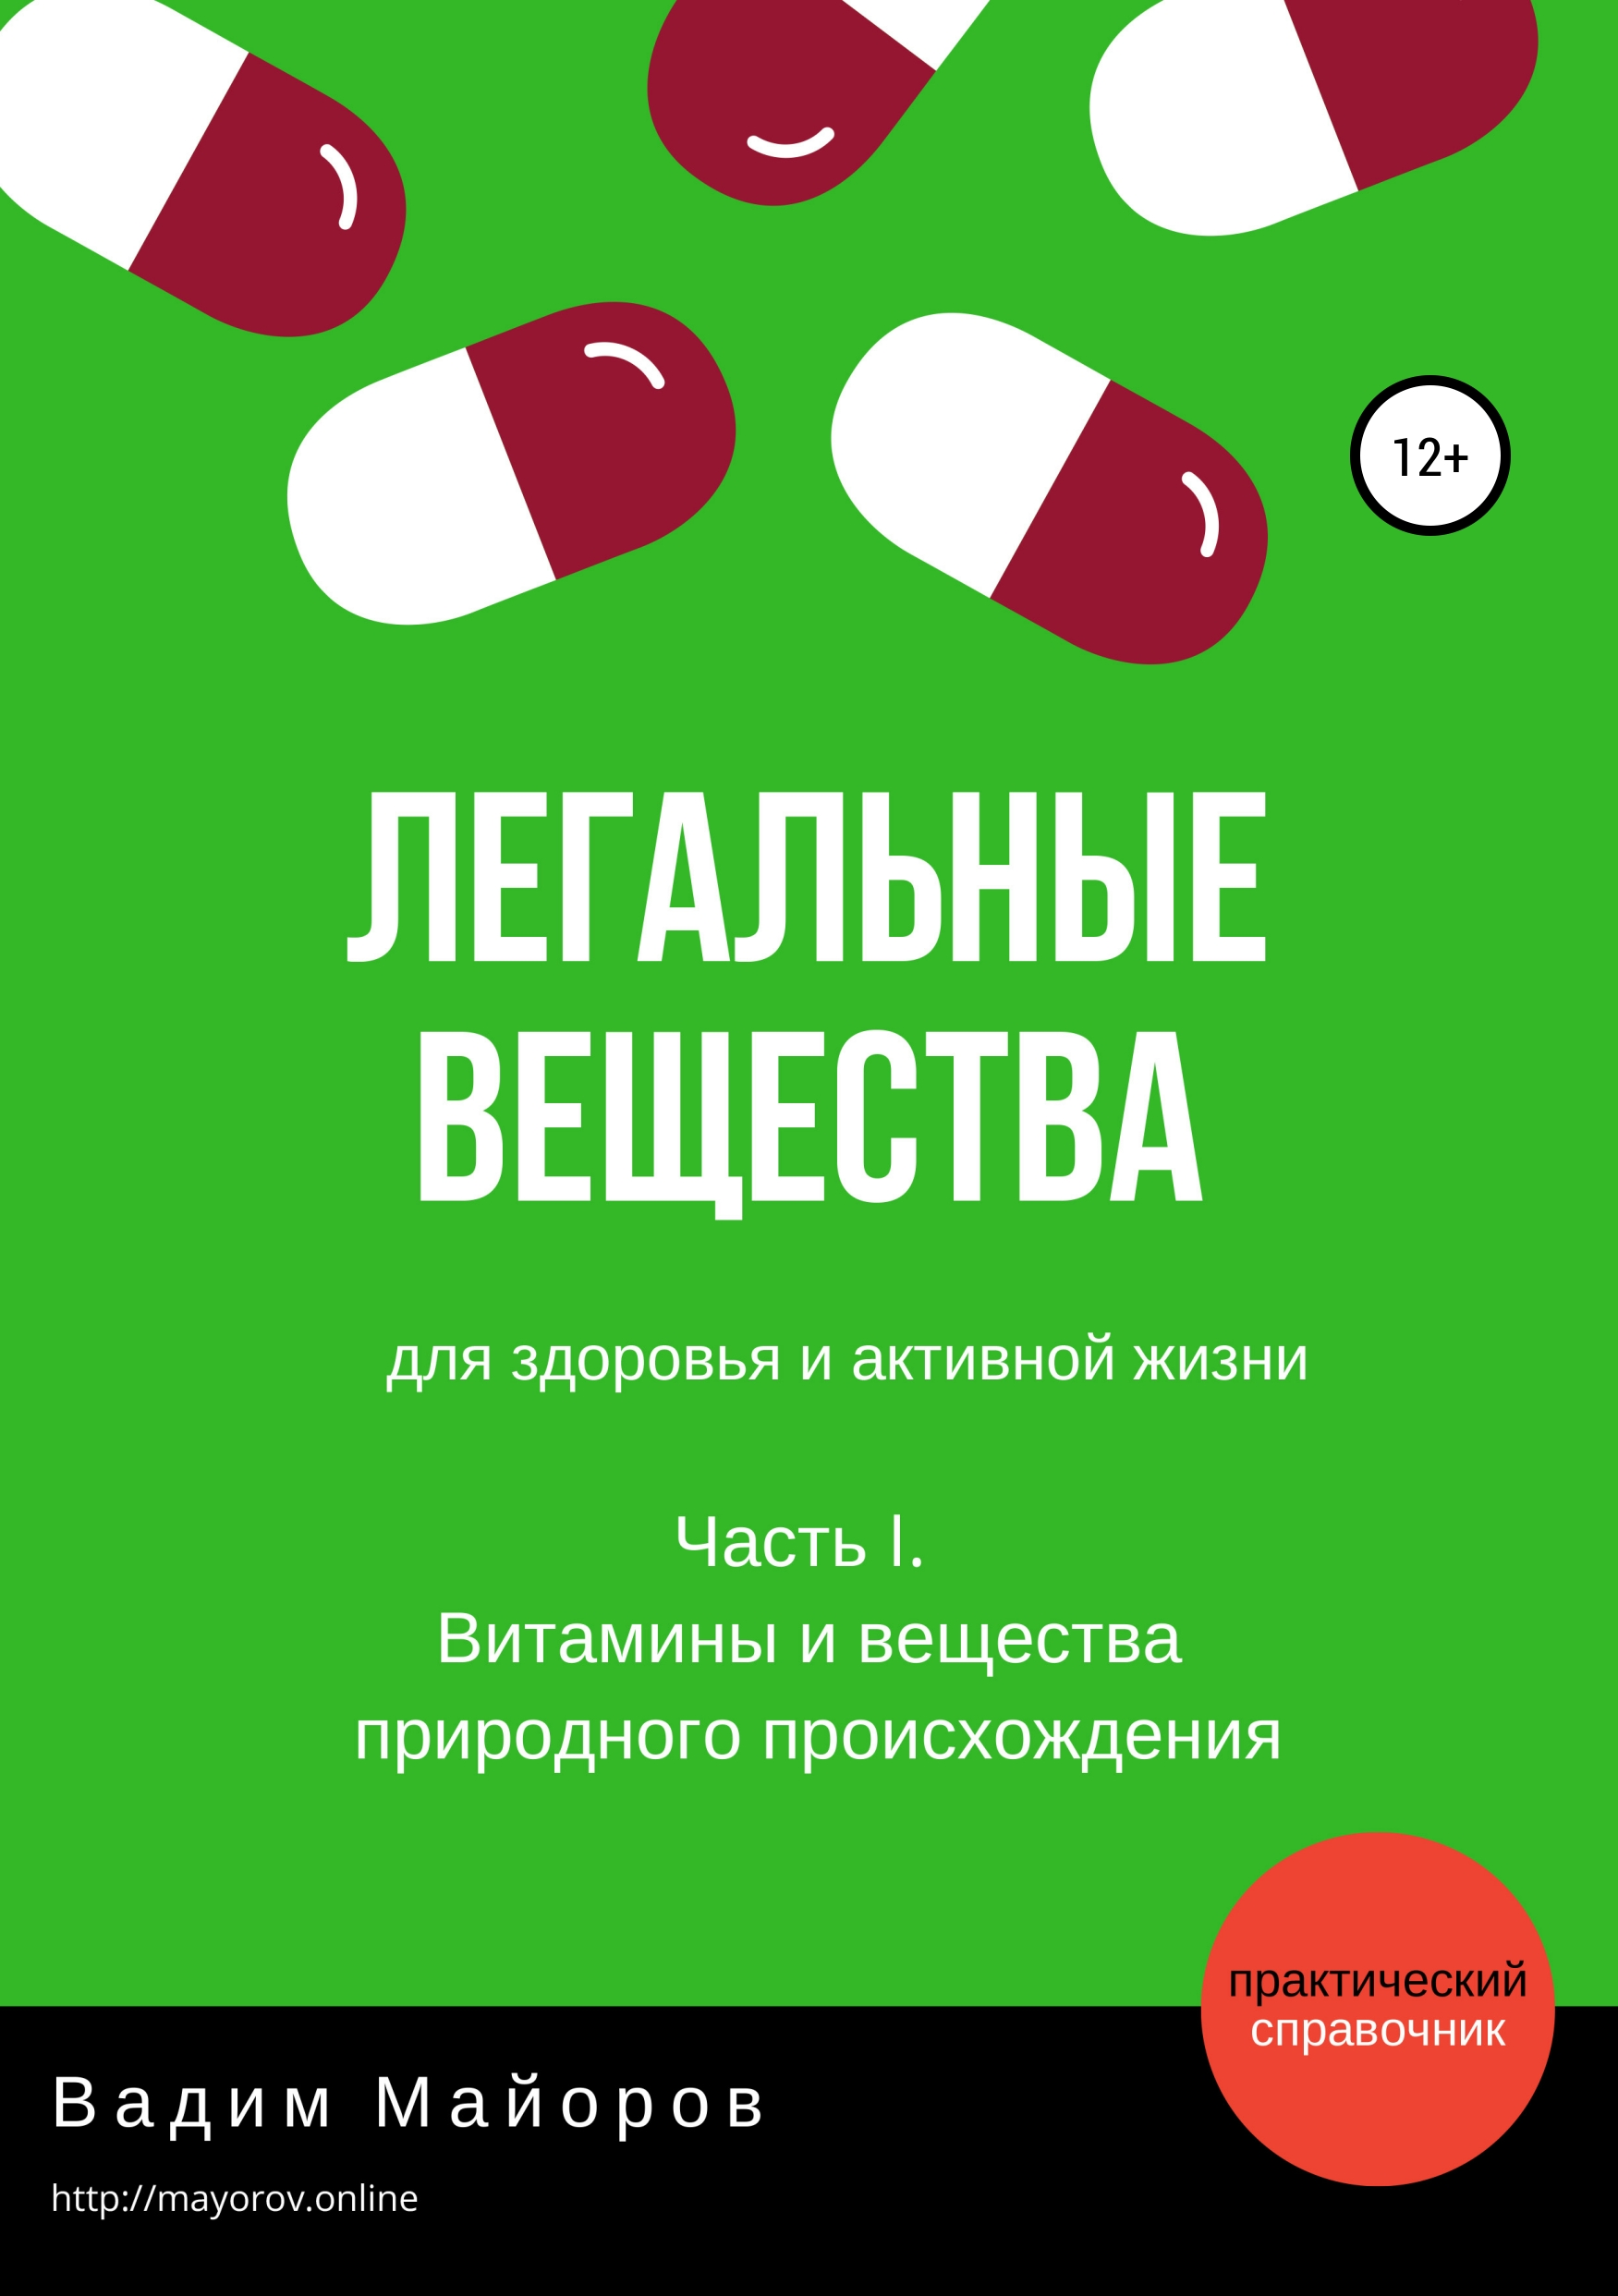 Легальные вещества для здоровья и активной жизни. Часть I. Витамины и вещества природного происхождения.